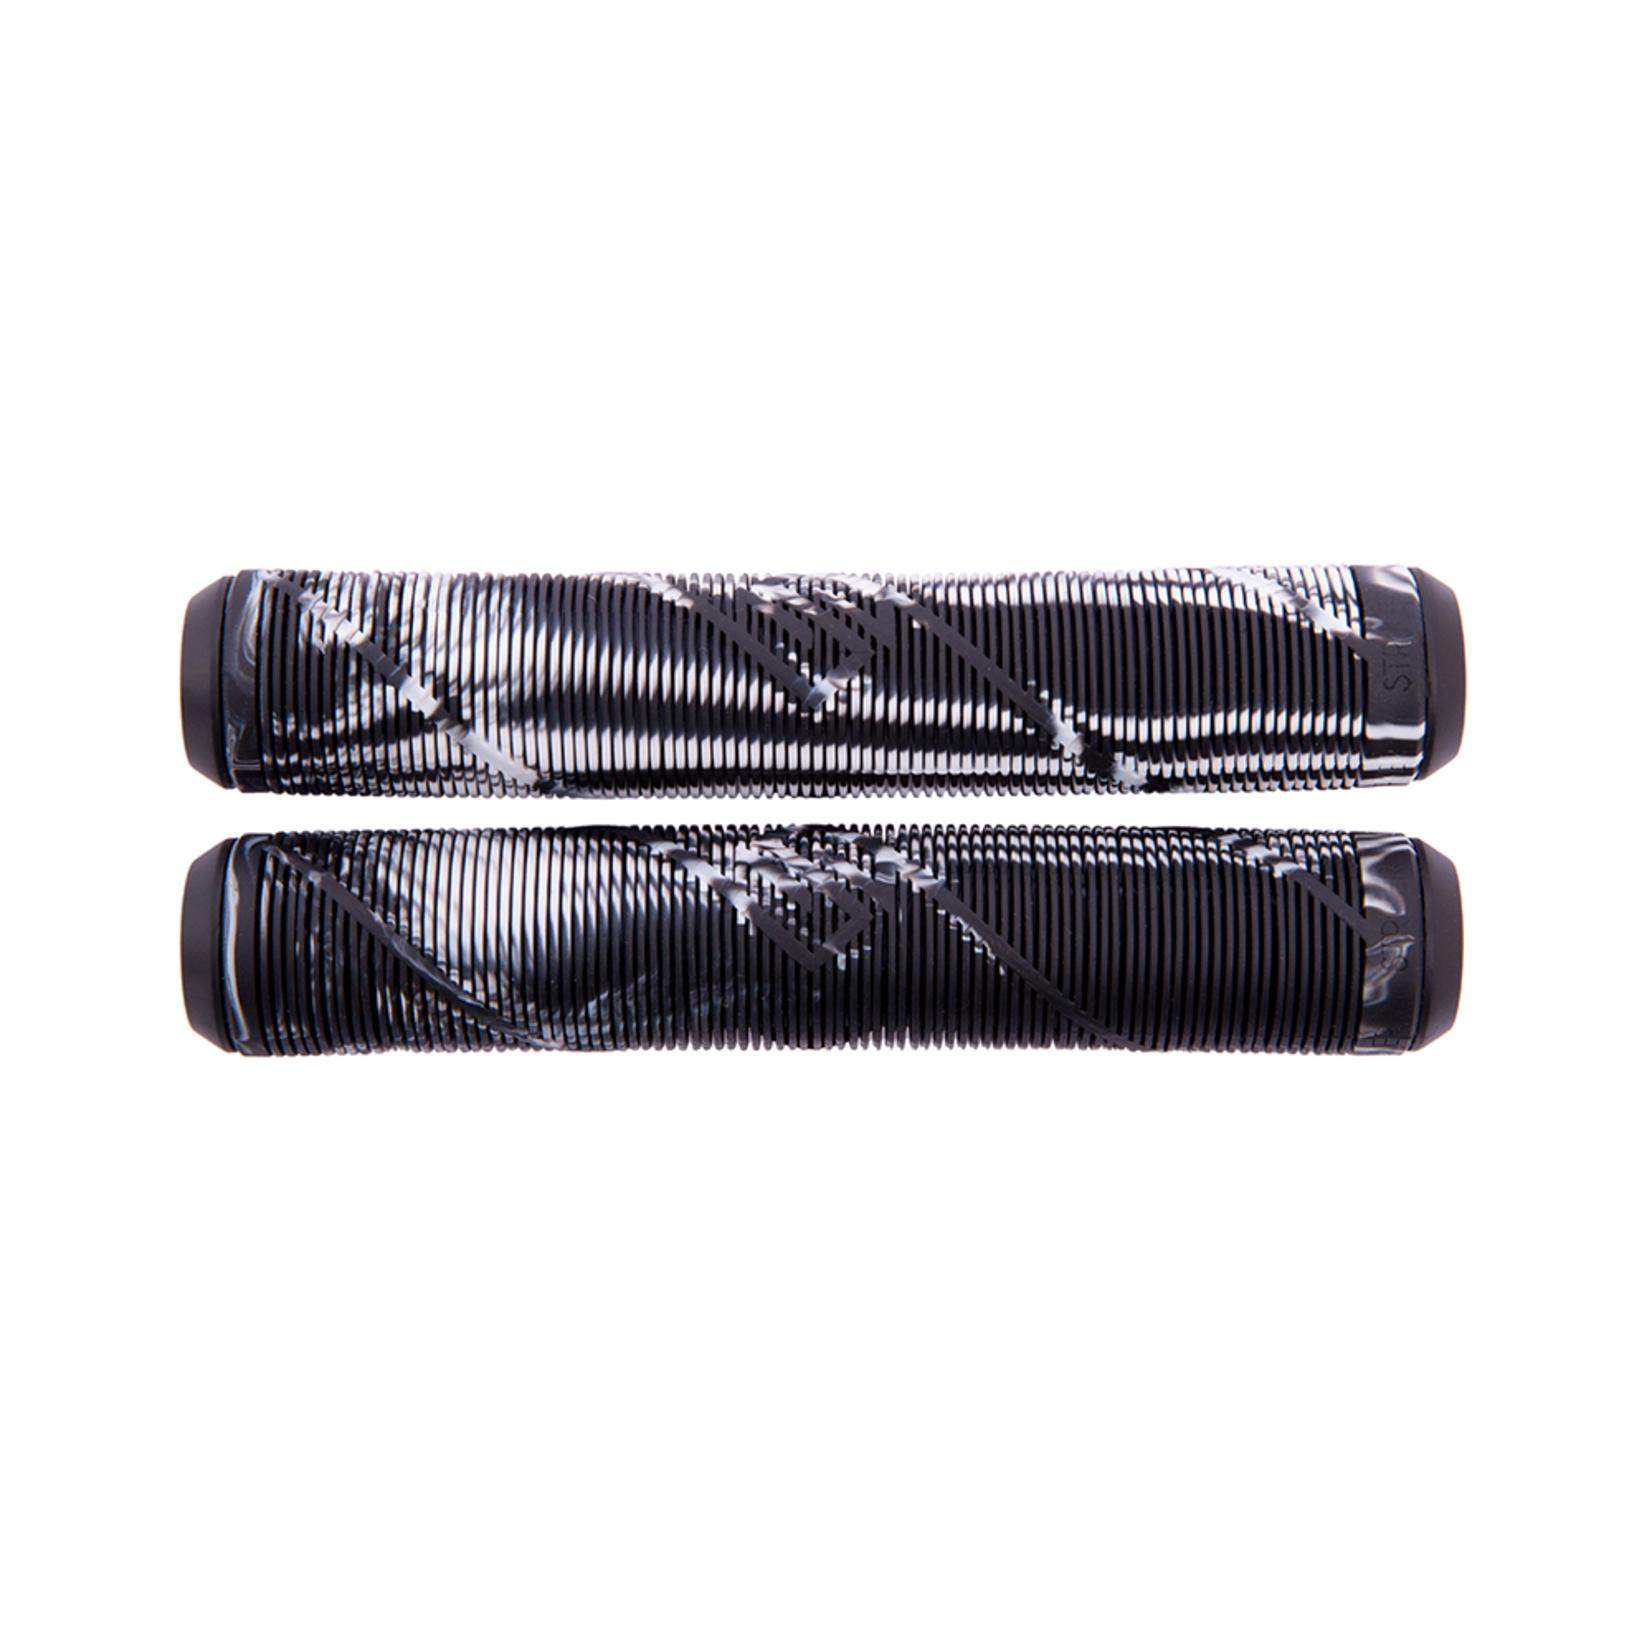 Striker Striker - Grips - Black / White